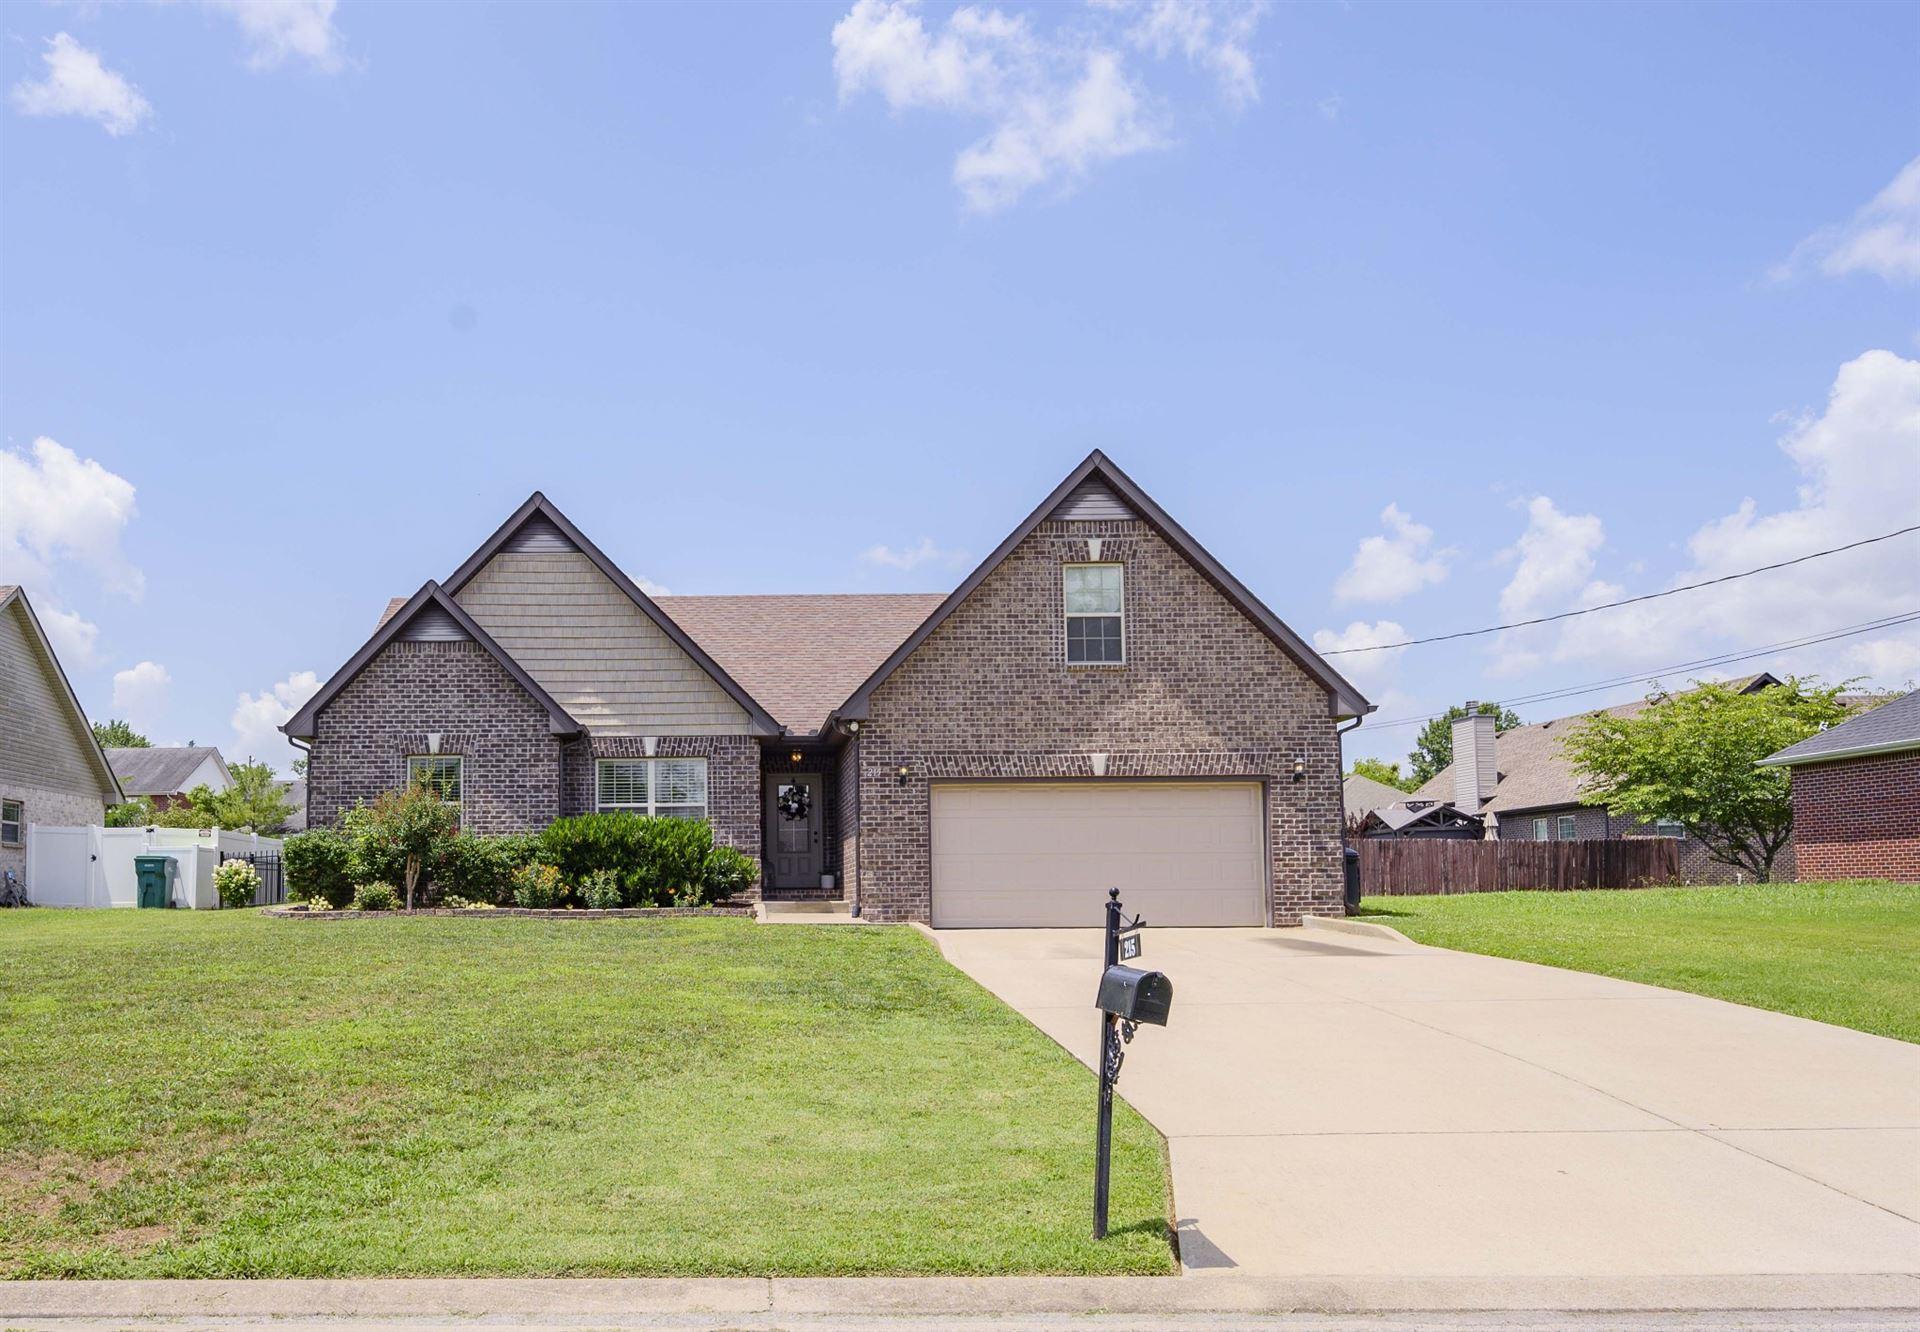 215 Mill Creek Ct, Smyrna, TN 37167 - MLS#: 2274061